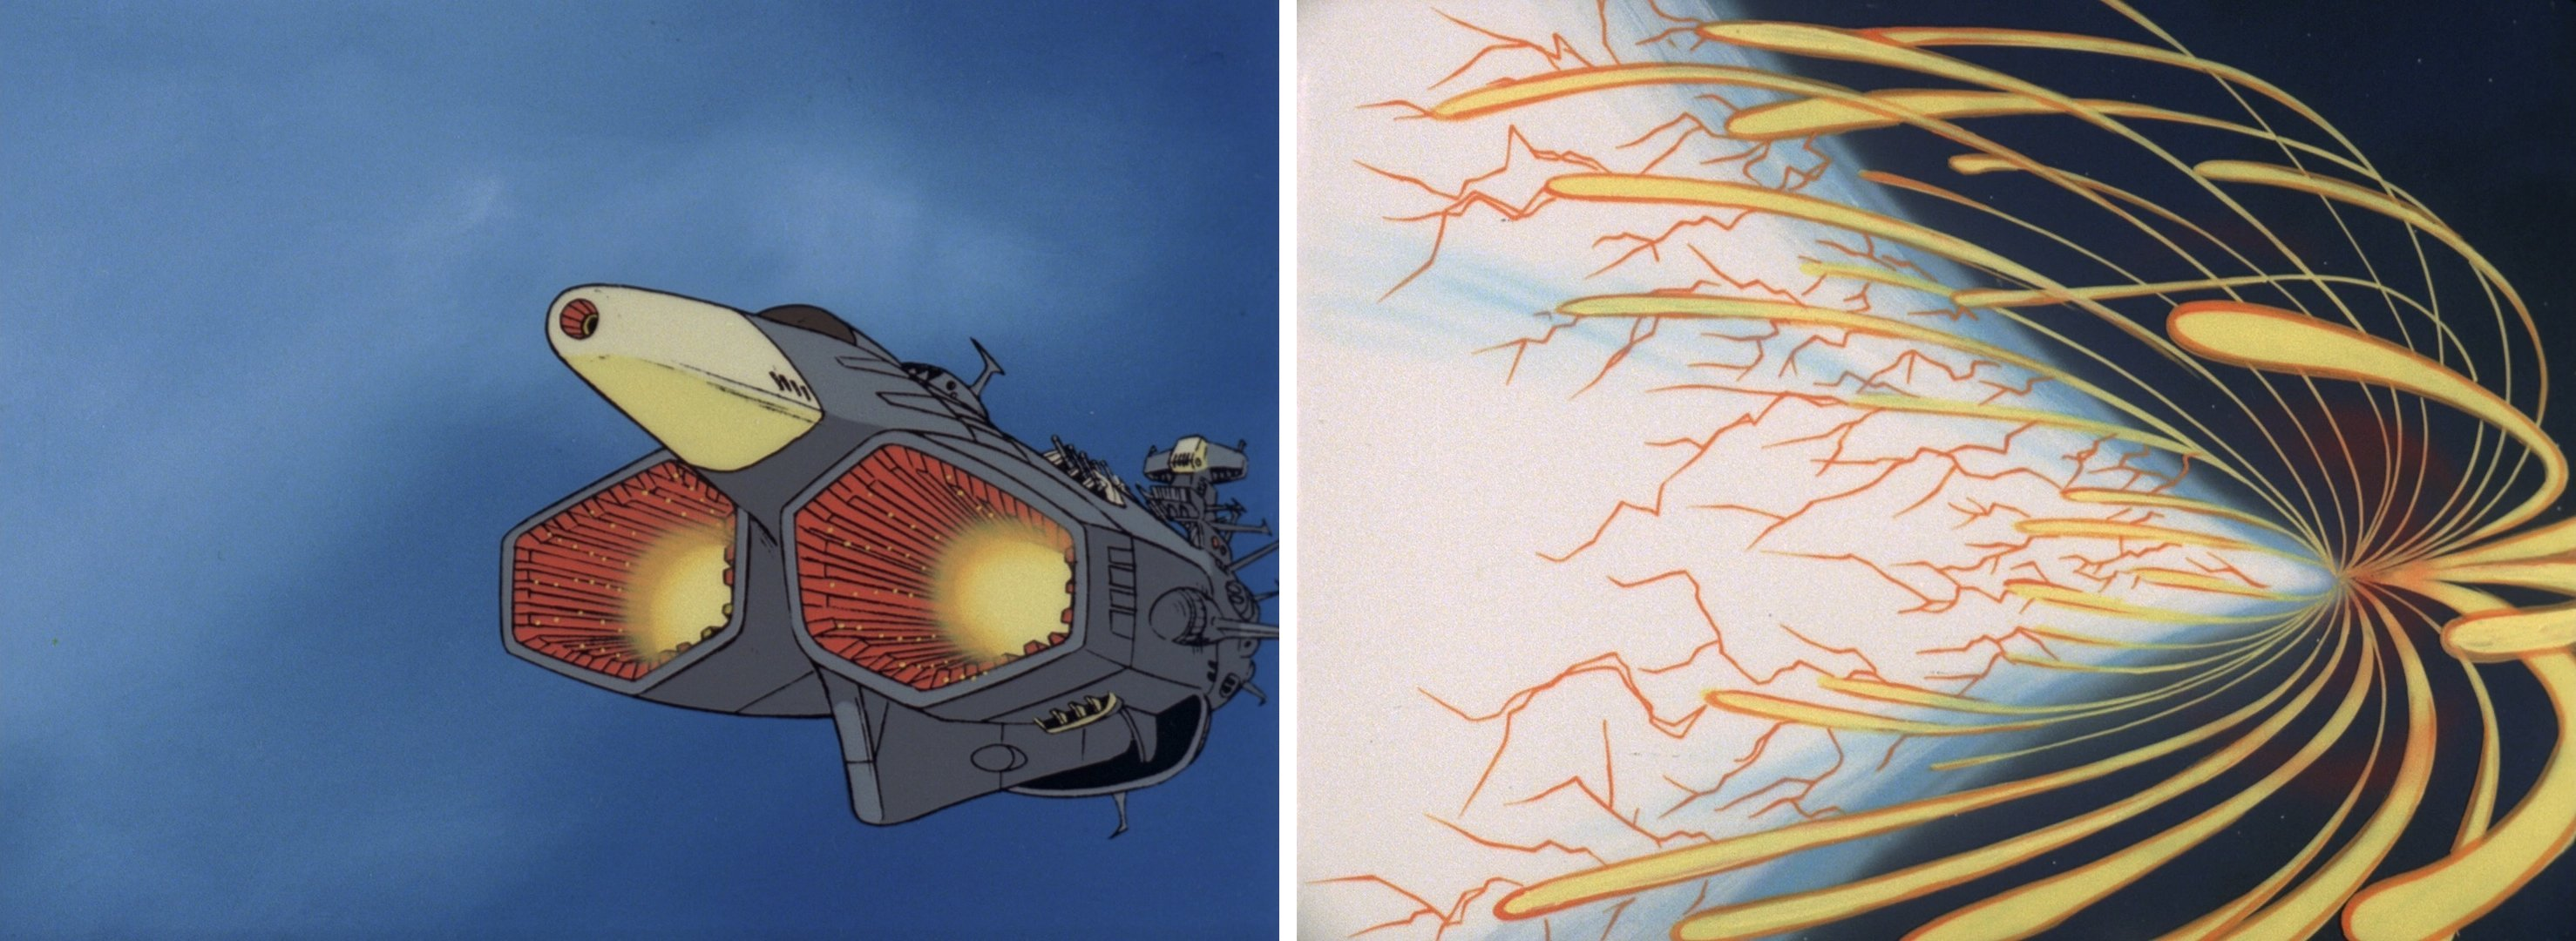 『さらば宇宙戦艦ヤマト』アンドロメダの拡散波動砲